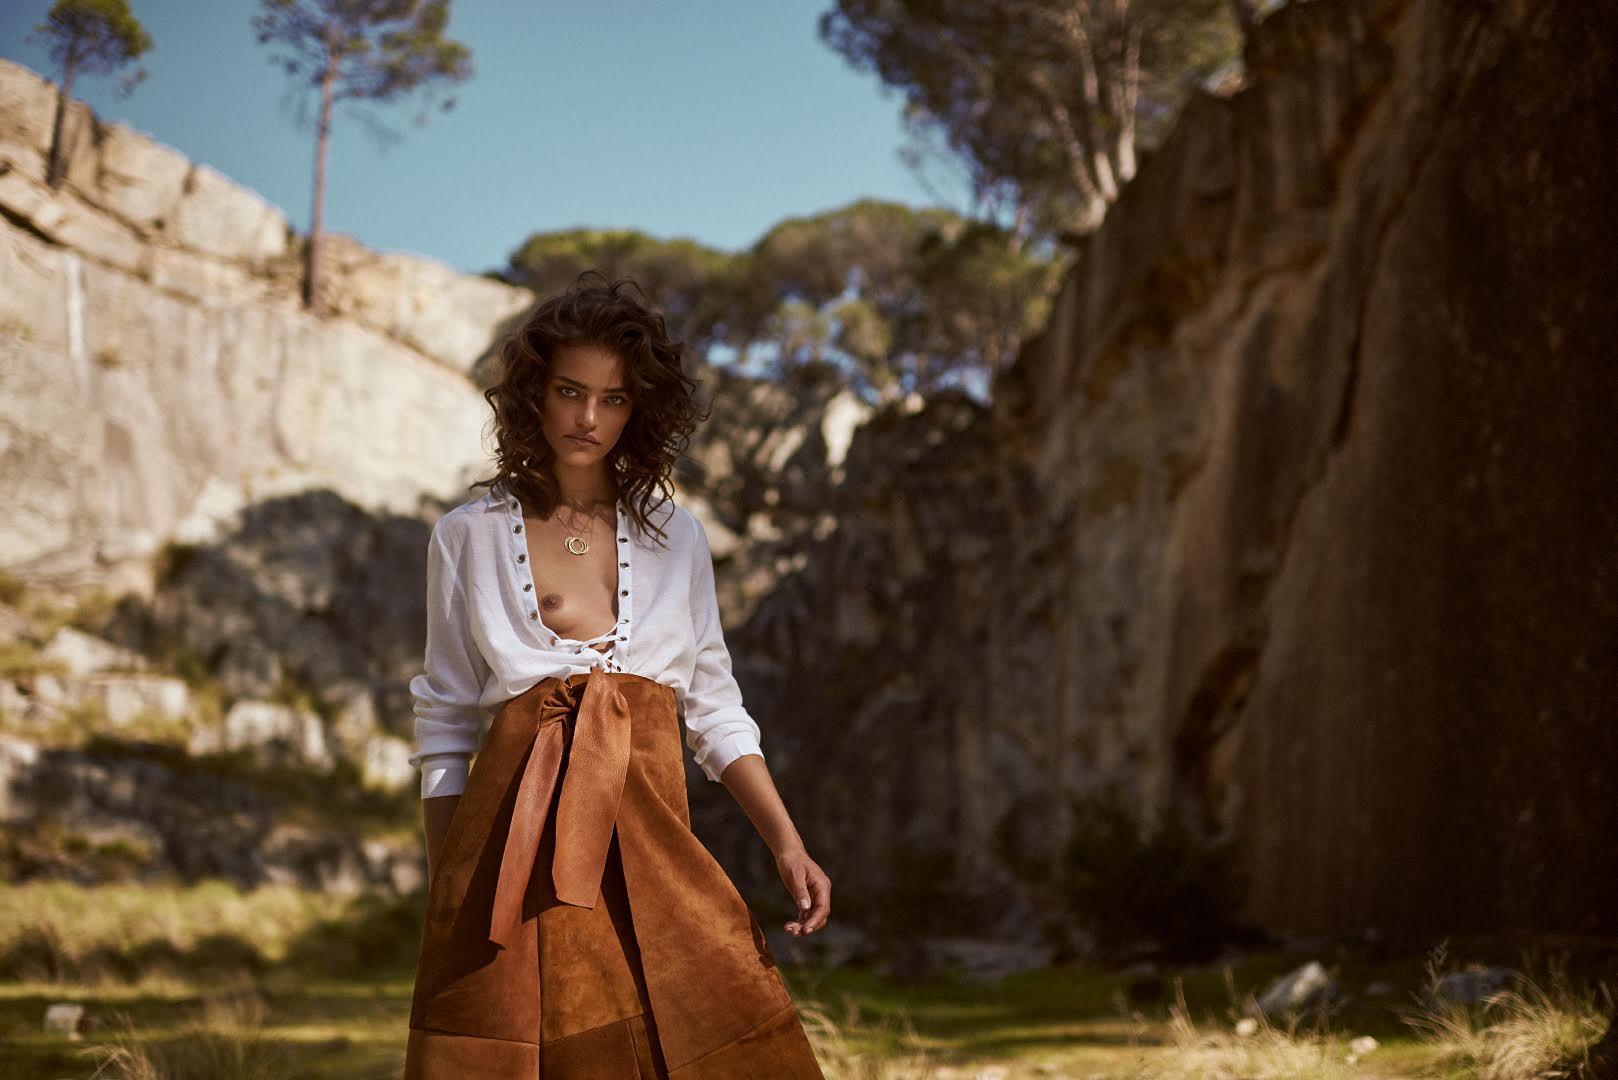 Criss cross shirt and wrap skirt,  Noël of Me by Demet Karatas